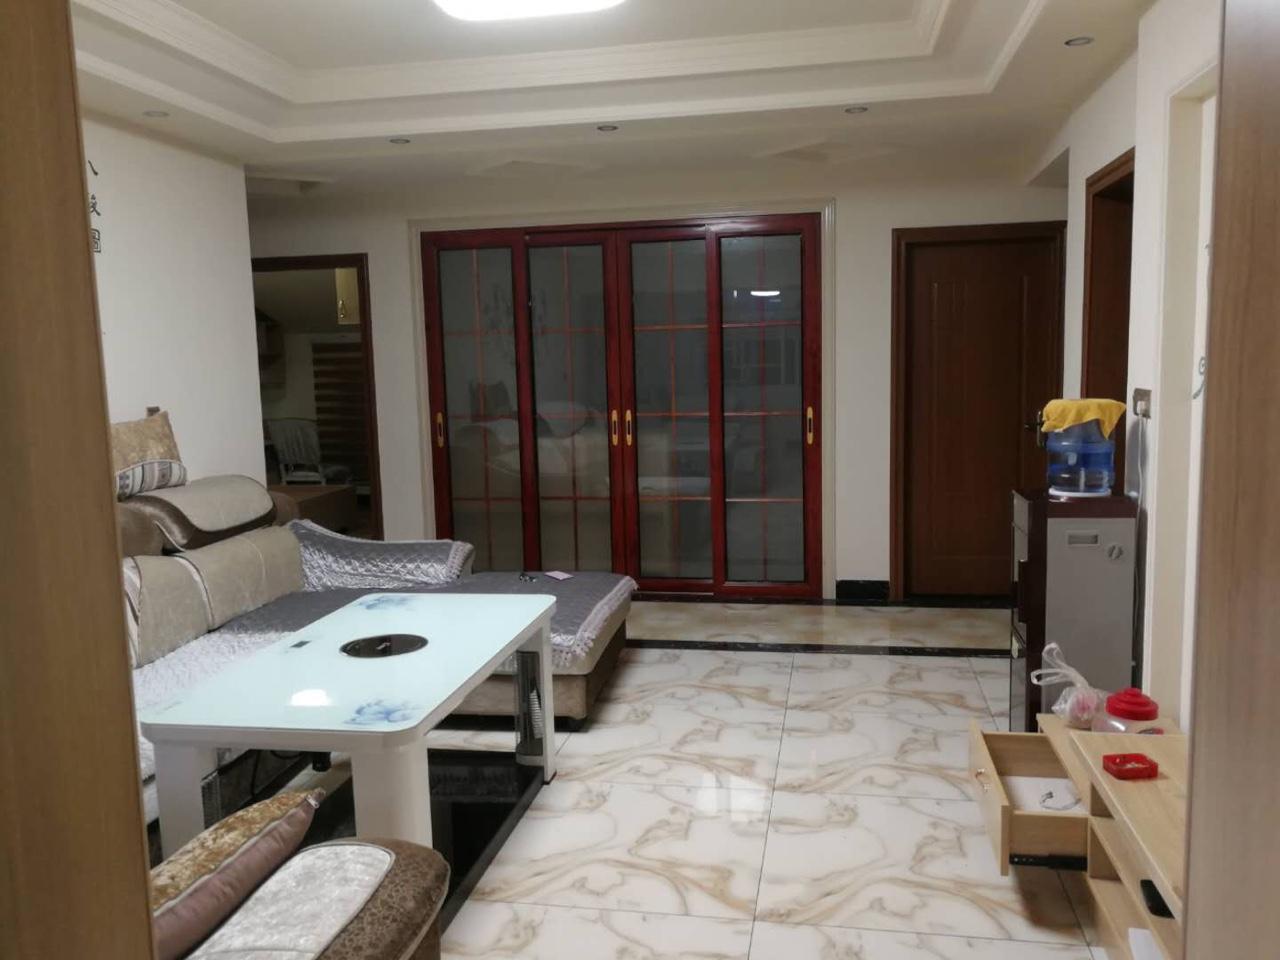 温泉小区安置房5室 1厅 3卫28.8万元